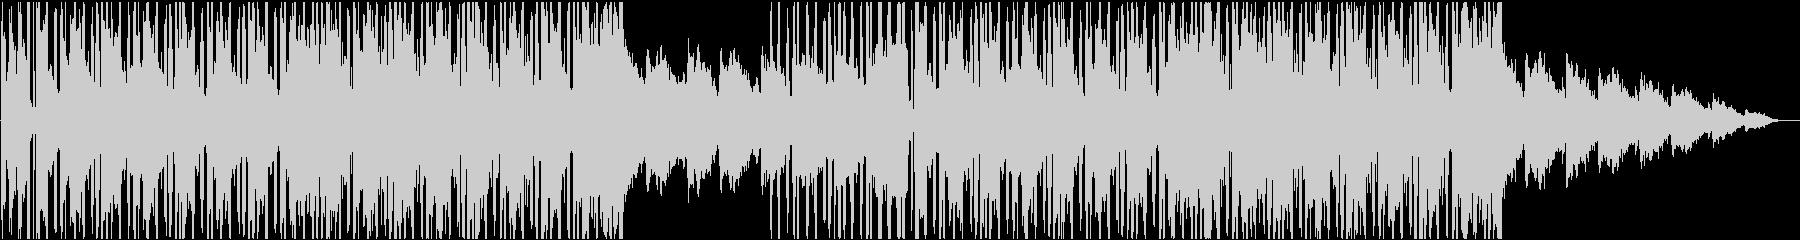 スローアーバンヒップホップの未再生の波形